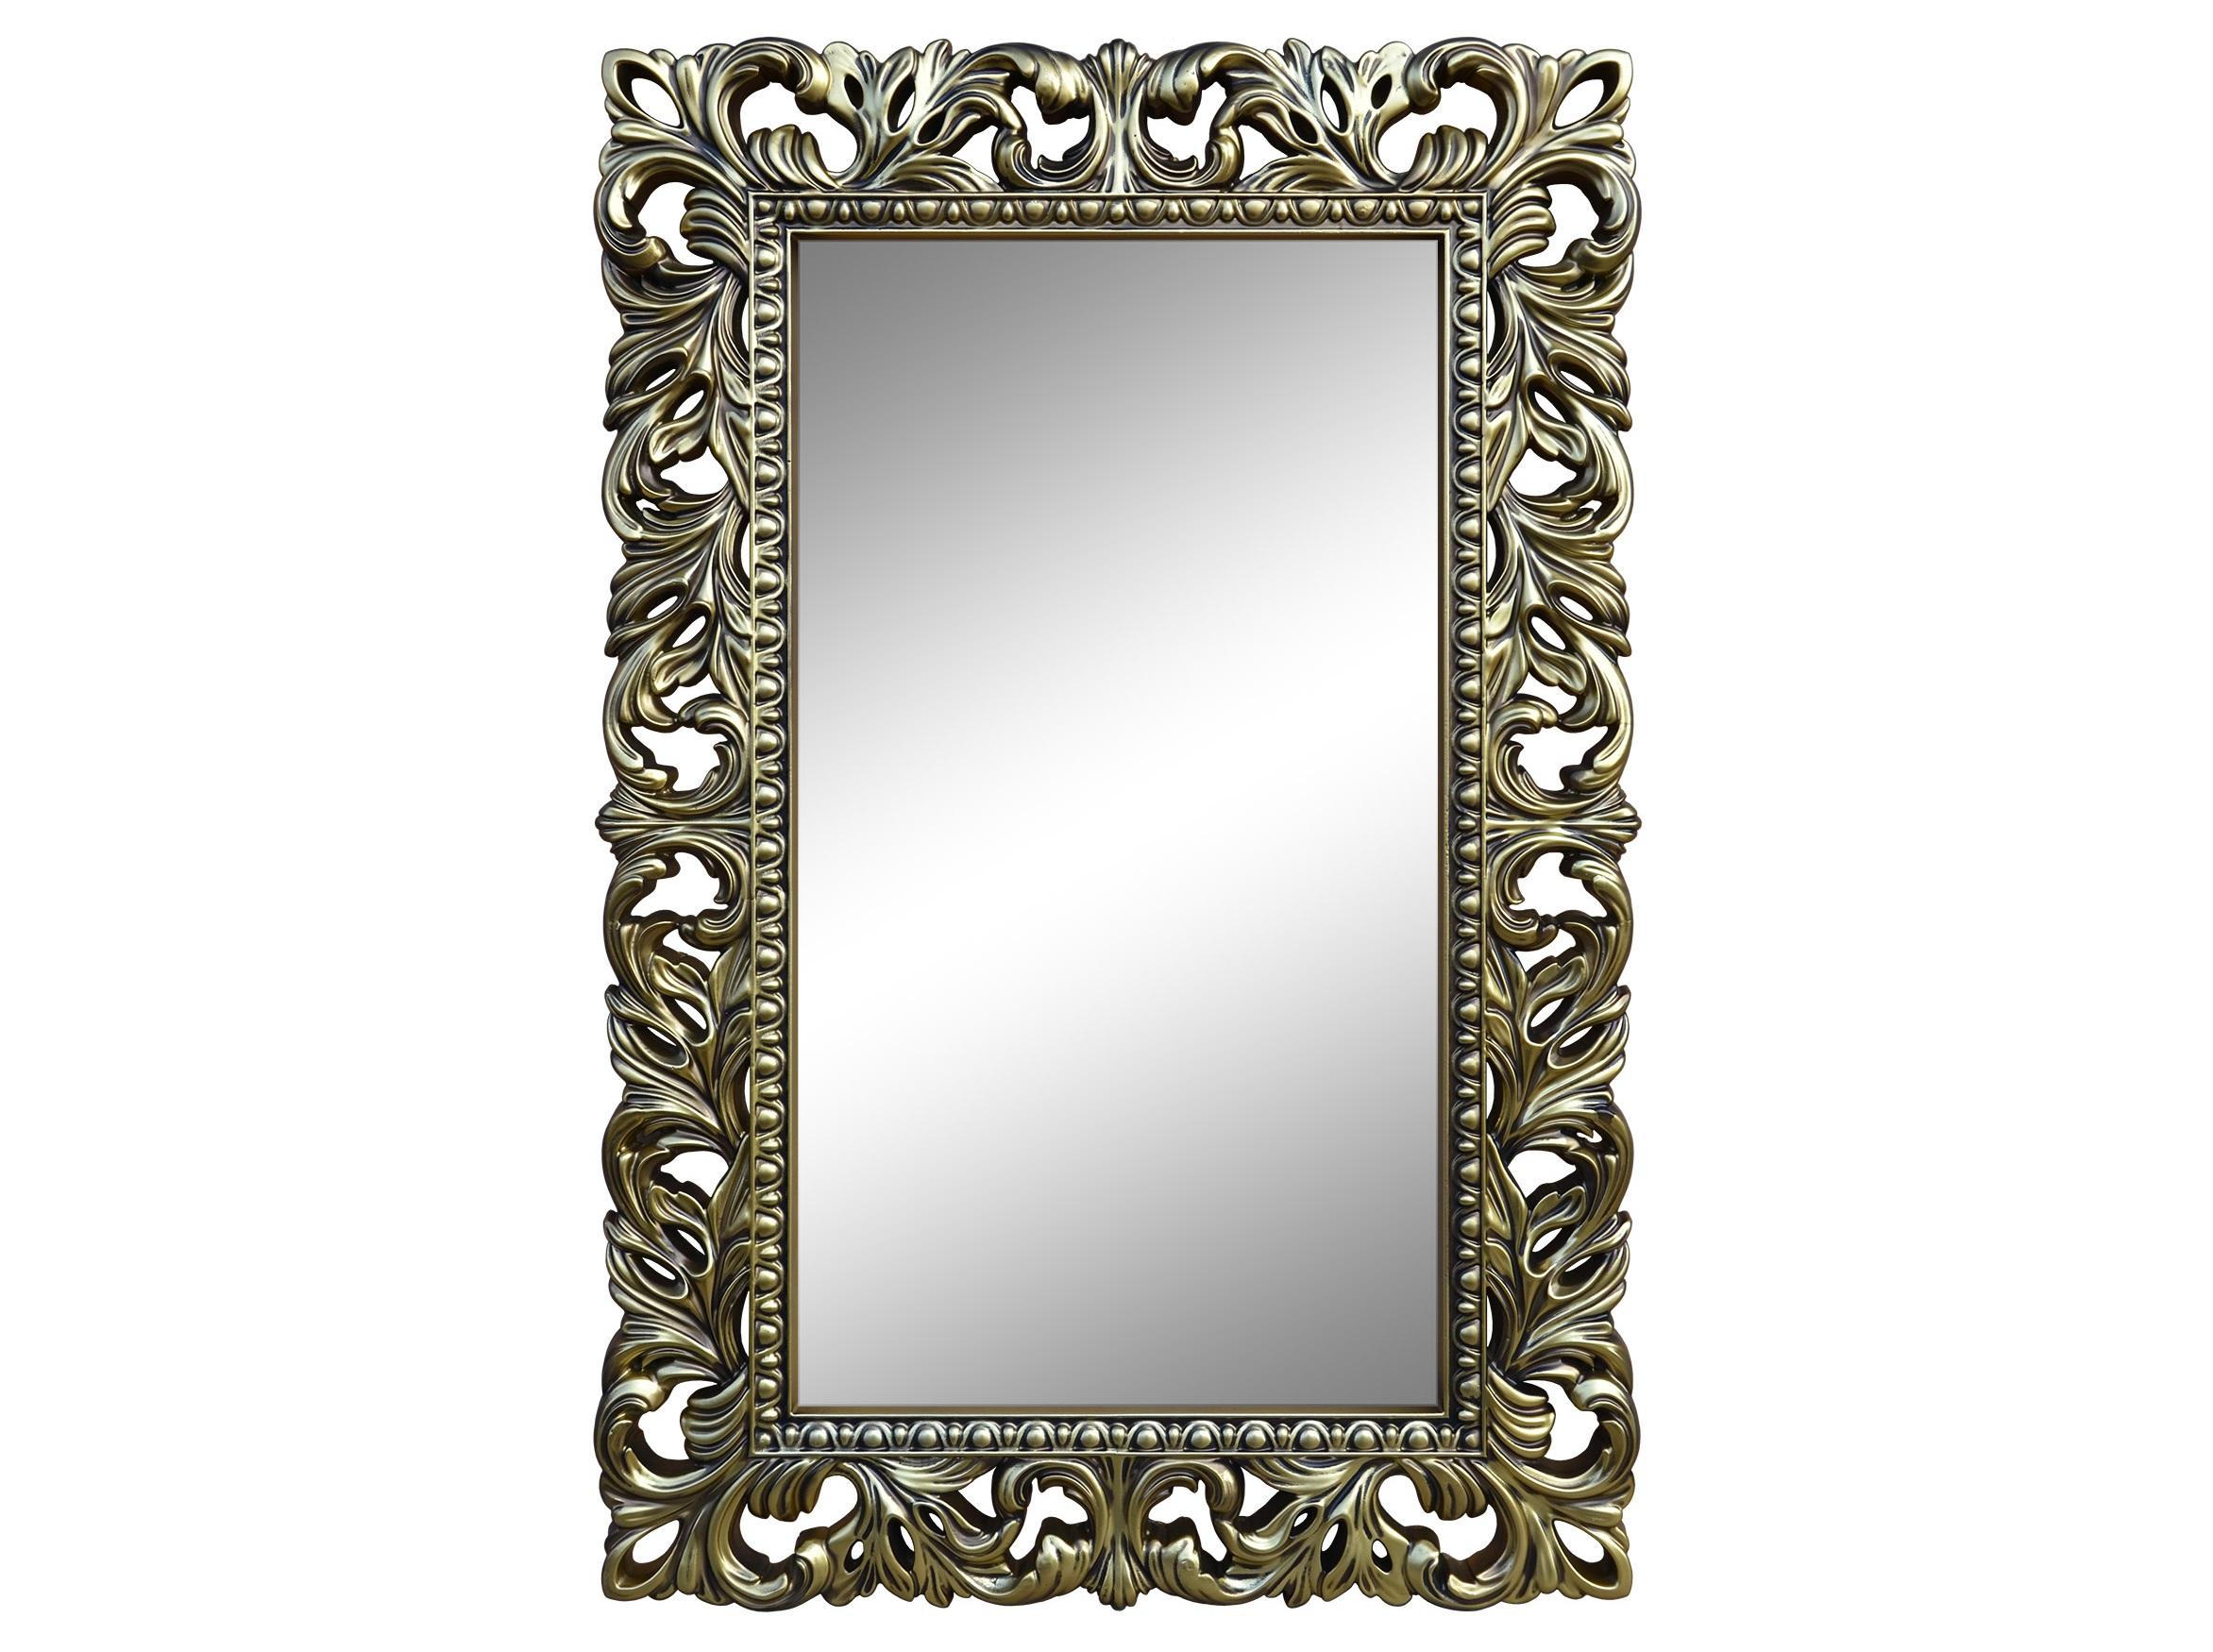 ЗеркалоНастенные зеркала<br>&amp;lt;div&amp;gt;Основные особенности ППУ: Безопасен для здоровья, не содержит вещества вызывающие аллергию, долговечность, надежность, жесткость, влагостойкость. Все декоративные красители - грунты, эмали, воски обладают высокой стойкостью.&amp;amp;nbsp;&amp;lt;/div&amp;gt;&amp;lt;div&amp;gt;Основное преимущество использованных материалов - это отсутствие запахов и быстрое высыхание, а также экологичность.&amp;amp;nbsp;&amp;lt;/div&amp;gt;&amp;lt;div&amp;gt;&amp;lt;br&amp;gt;&amp;lt;/div&amp;gt;&amp;lt;div&amp;gt;Рекомендации по уходу: бережная, влажная уборка.&amp;amp;nbsp;&amp;lt;/div&amp;gt;&amp;lt;div&amp;gt;Запрещается использование любых растворителей.&amp;lt;/div&amp;gt;<br><br>Material: Полиуретан<br>Ширина см: 63<br>Высота см: 95<br>Глубина см: 4